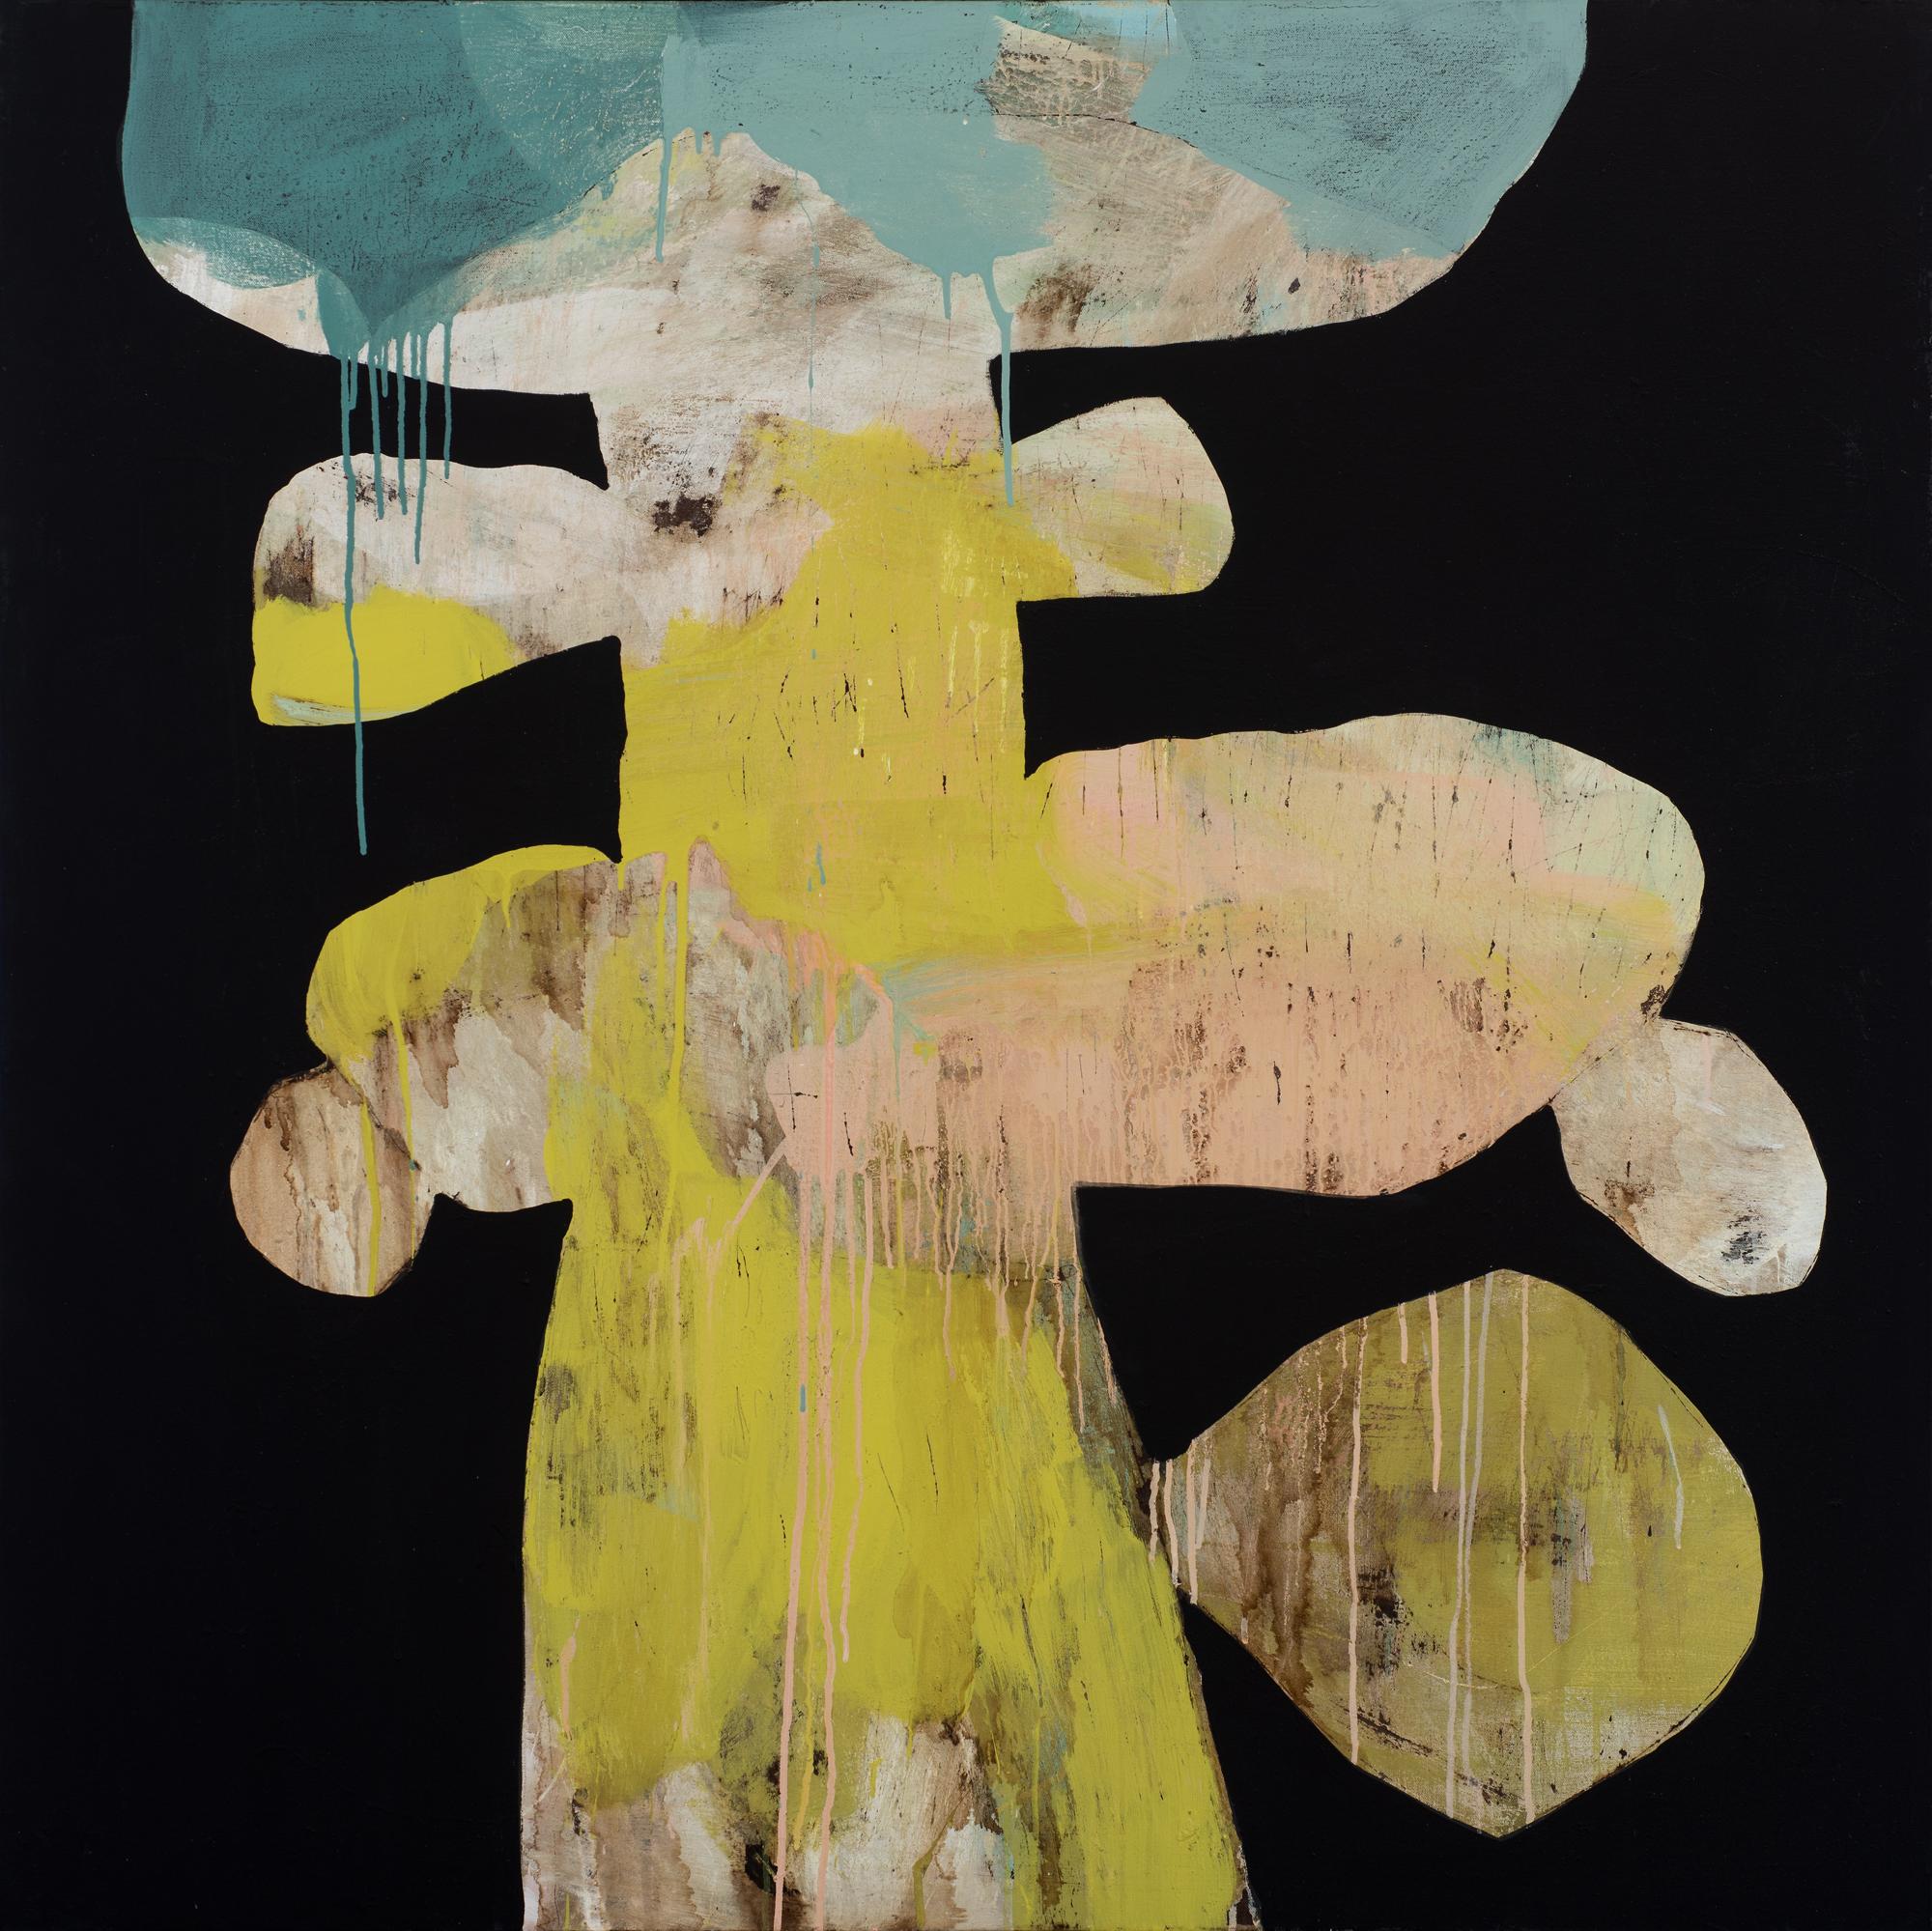 #50 By Ngaio Lenz